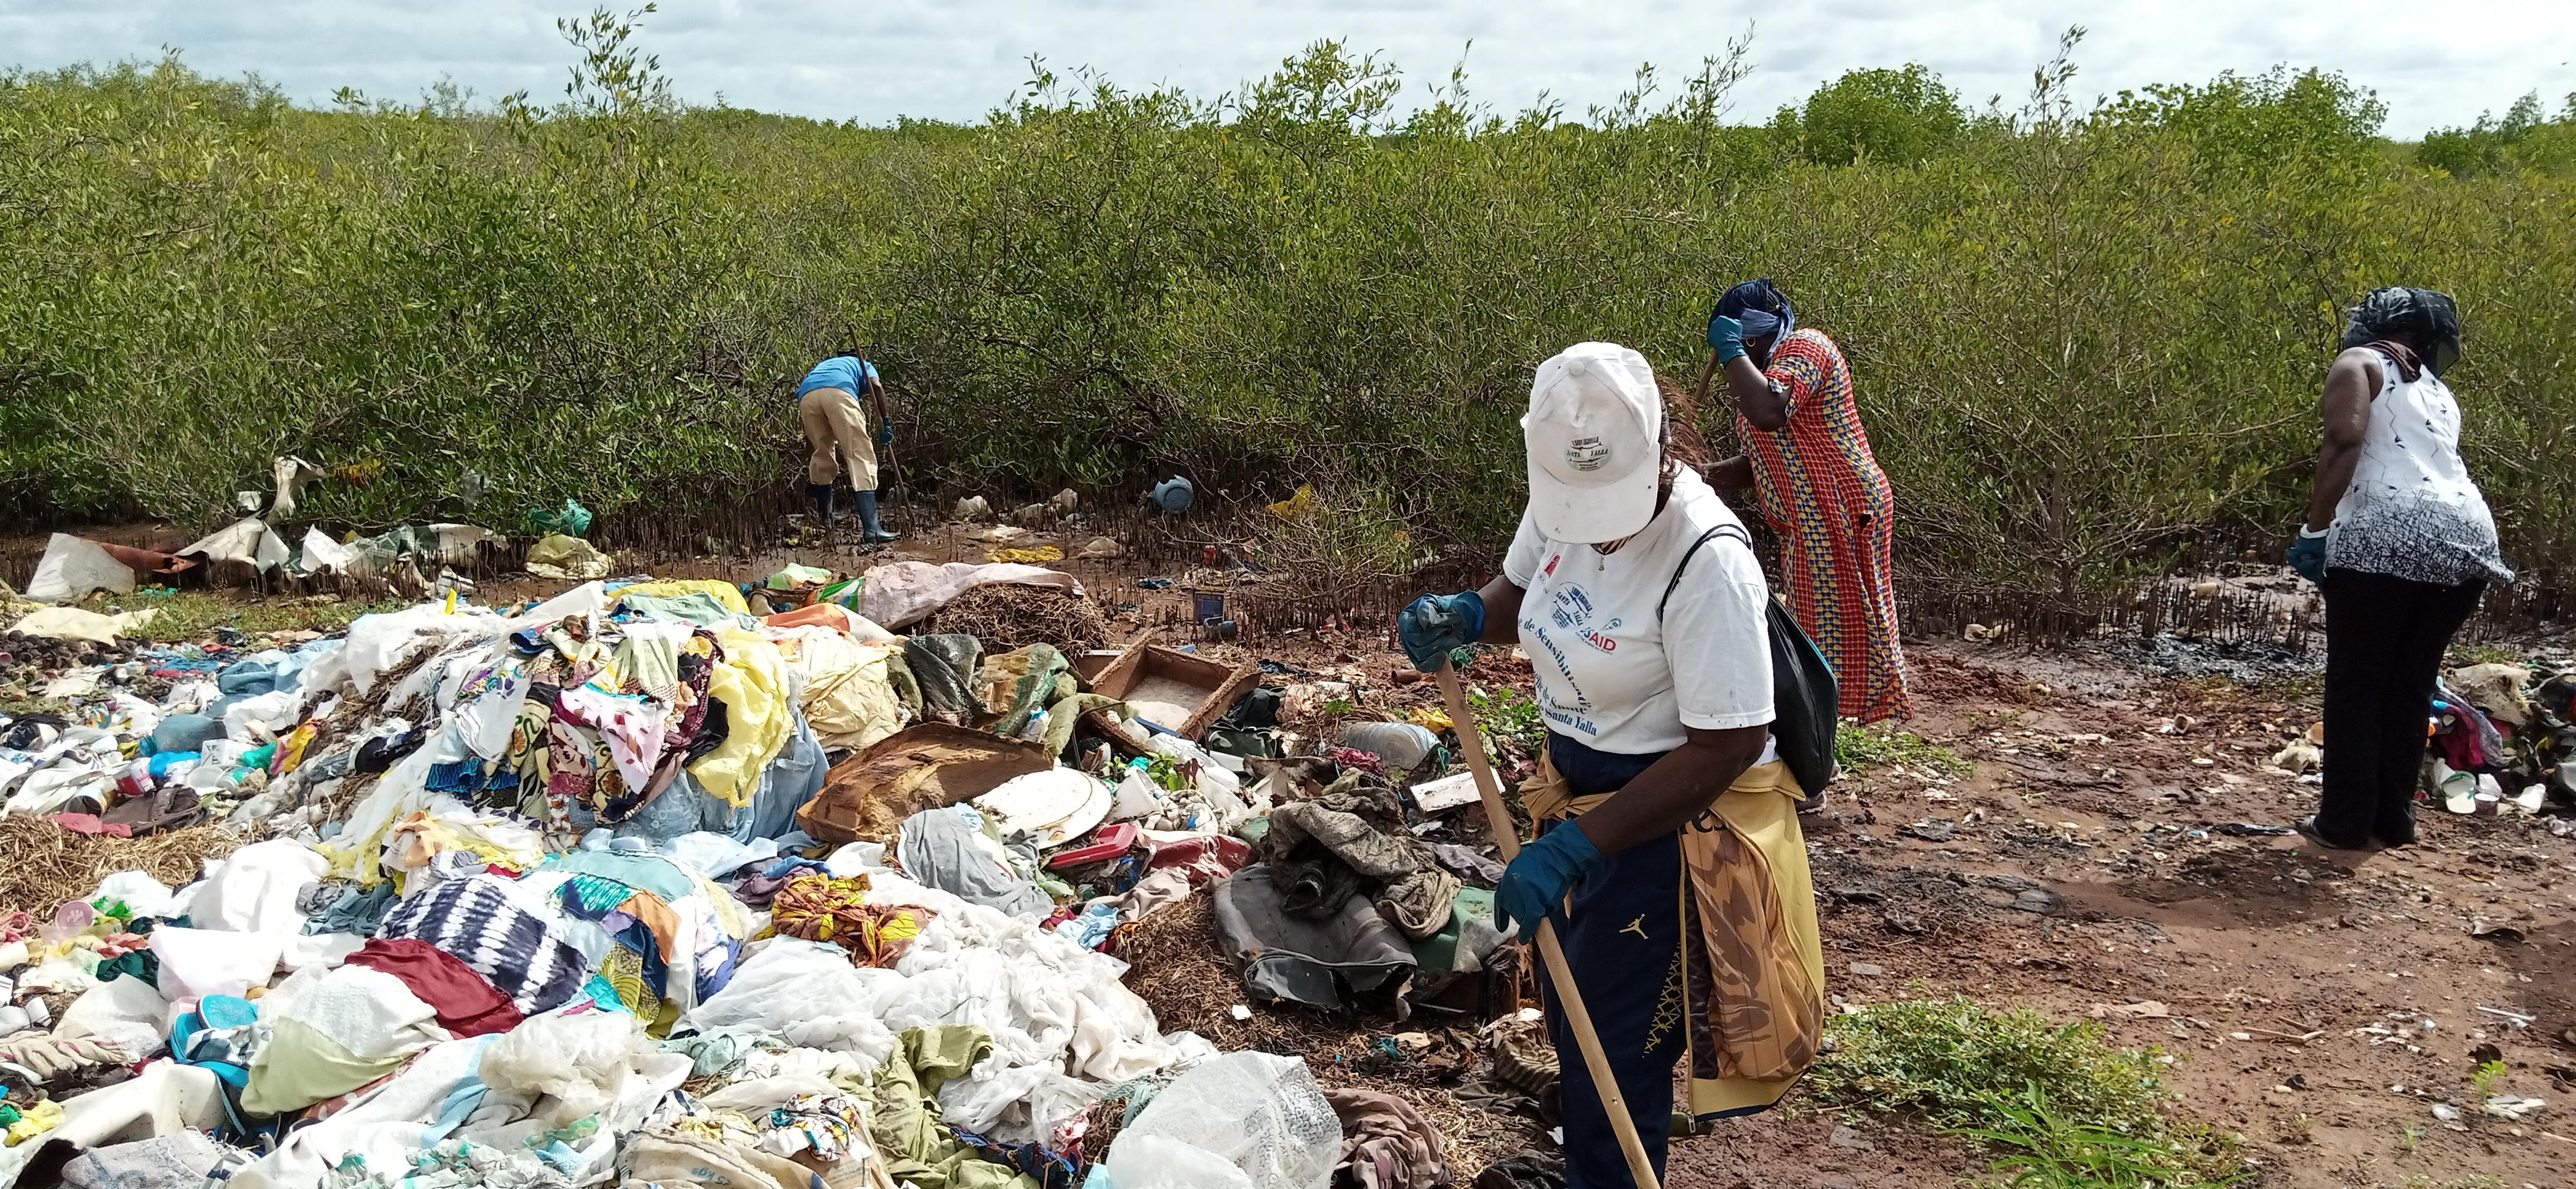 Bignona: La journée internationale de la mangrove célébrée autrement